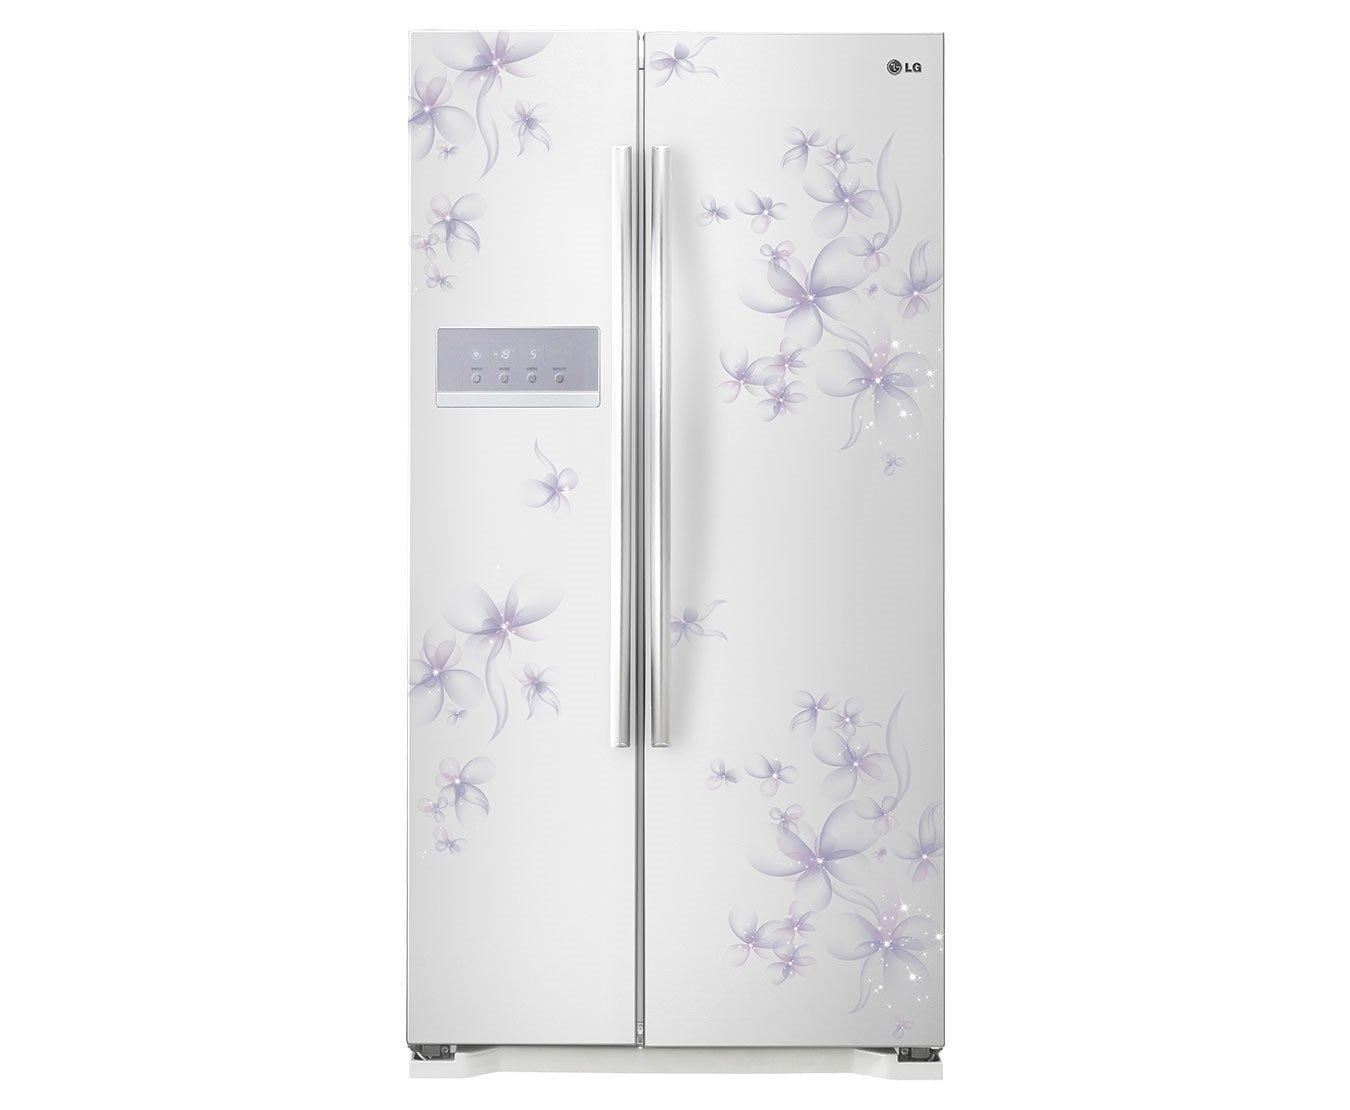 Upto 35% Off On LG Refrigerators